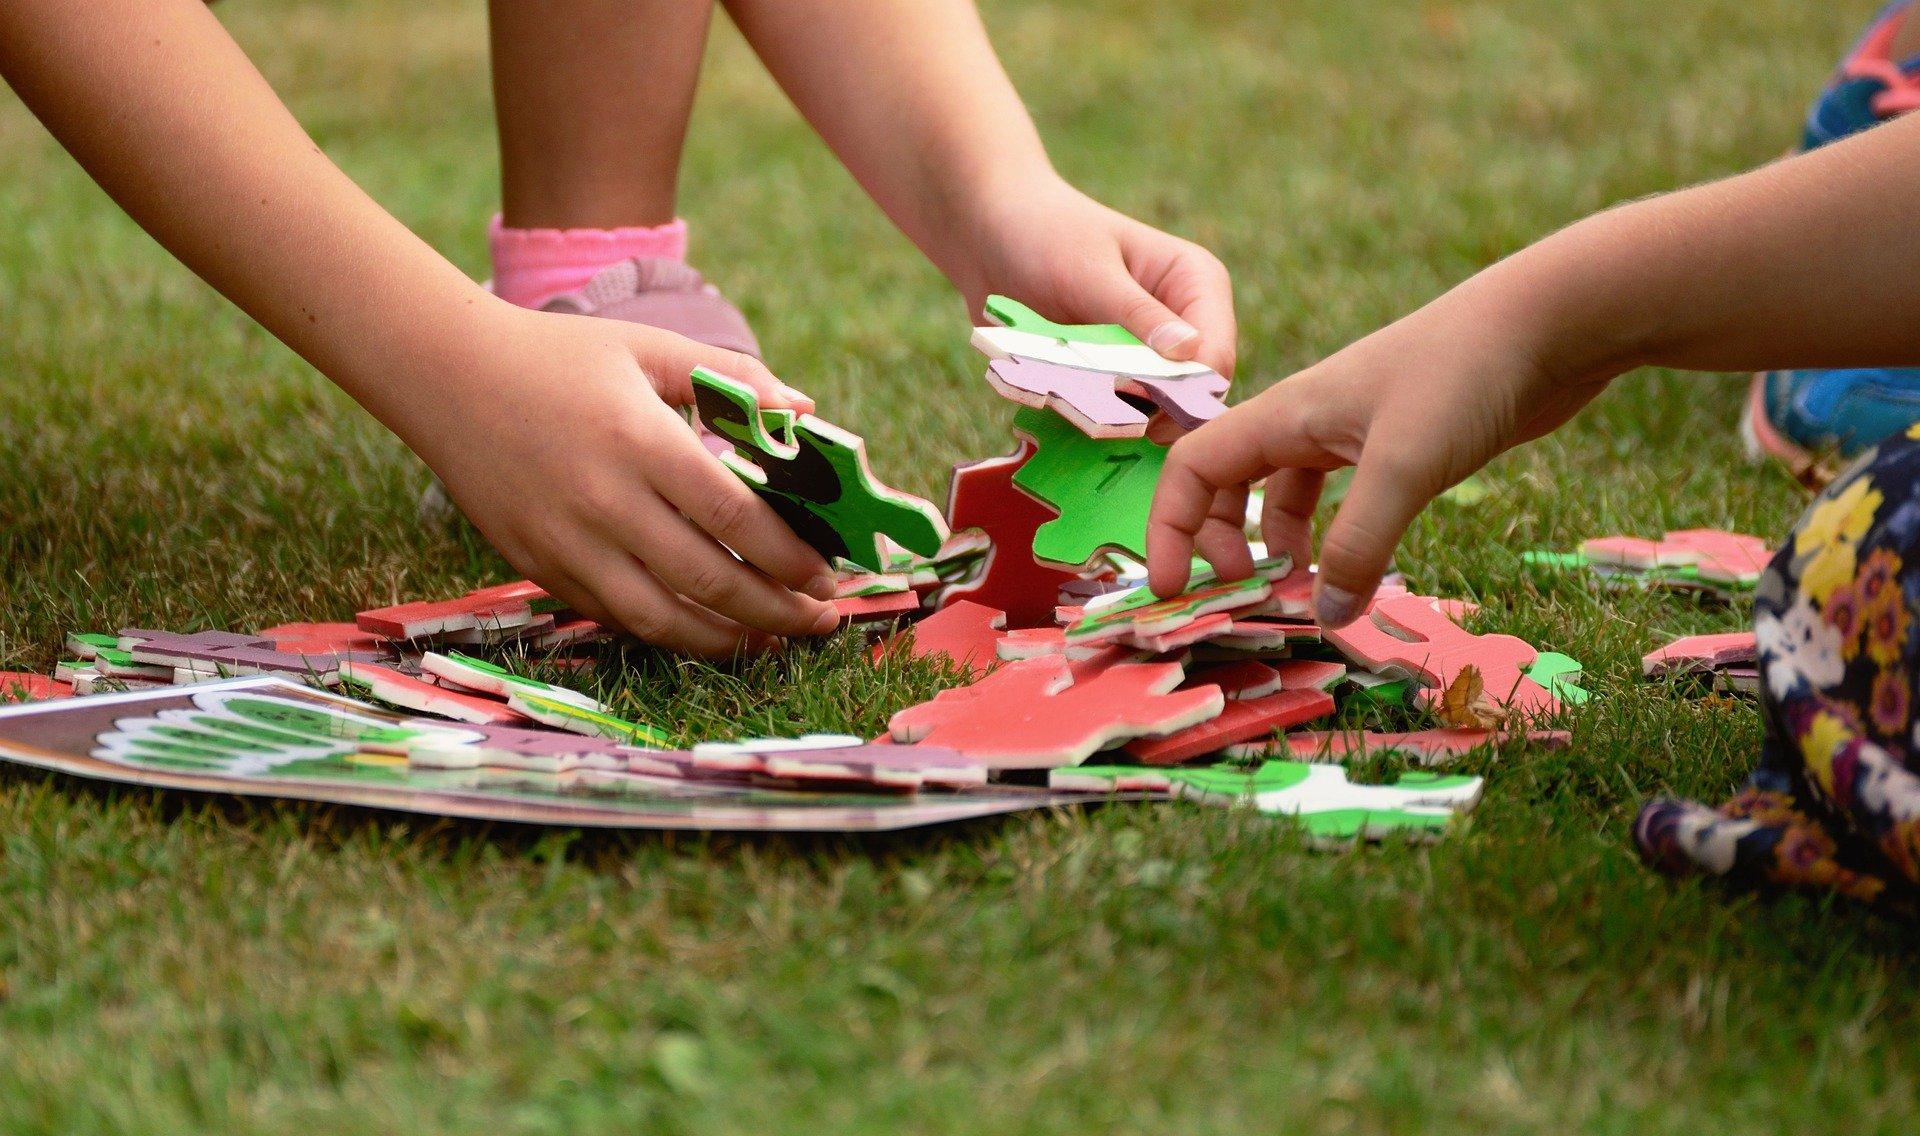 mani di due bambini che sistemano i pezzi di un puzzle